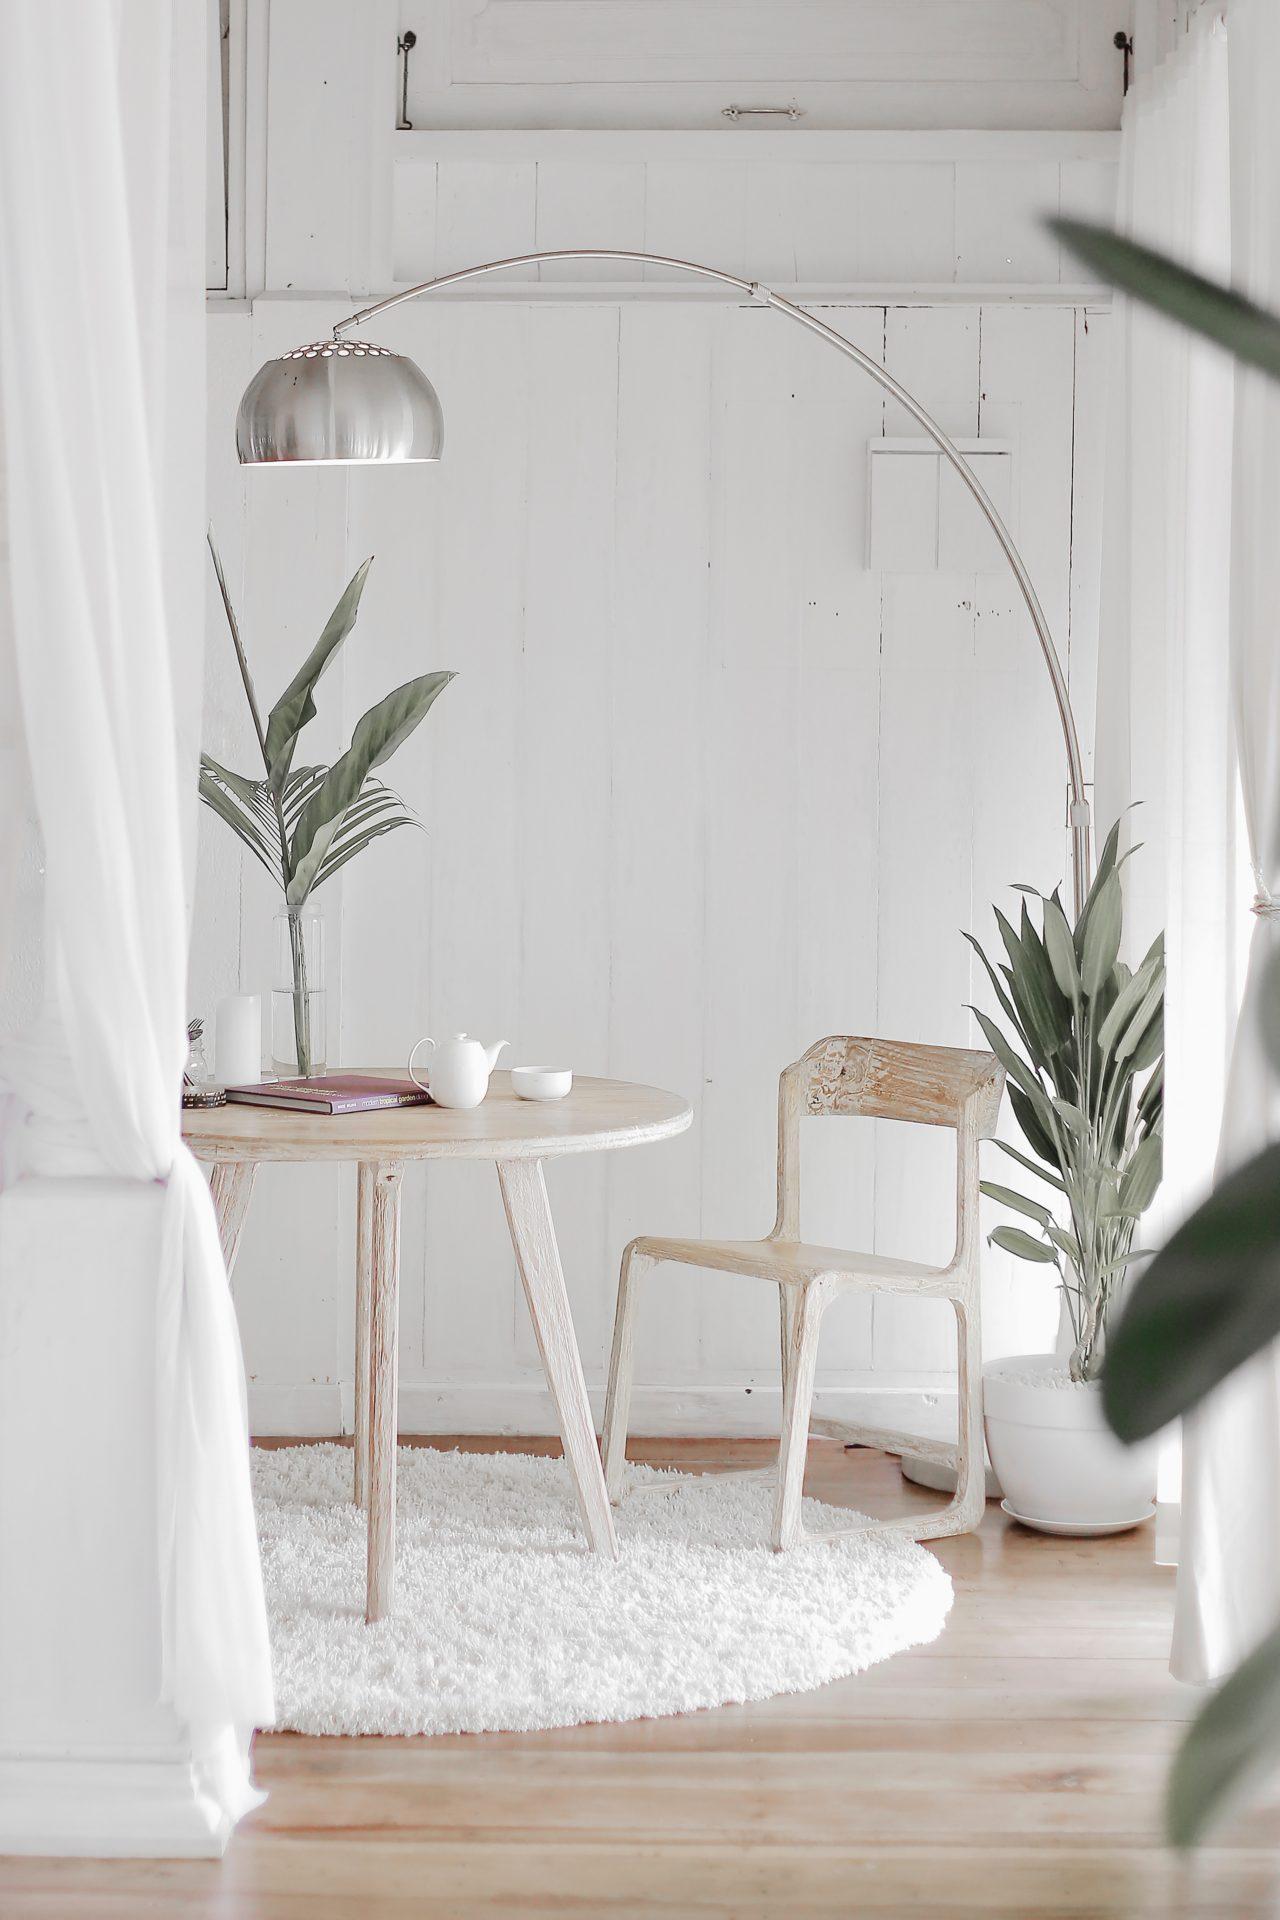 Comment adopter un style de décoration minimaliste dans votre maison